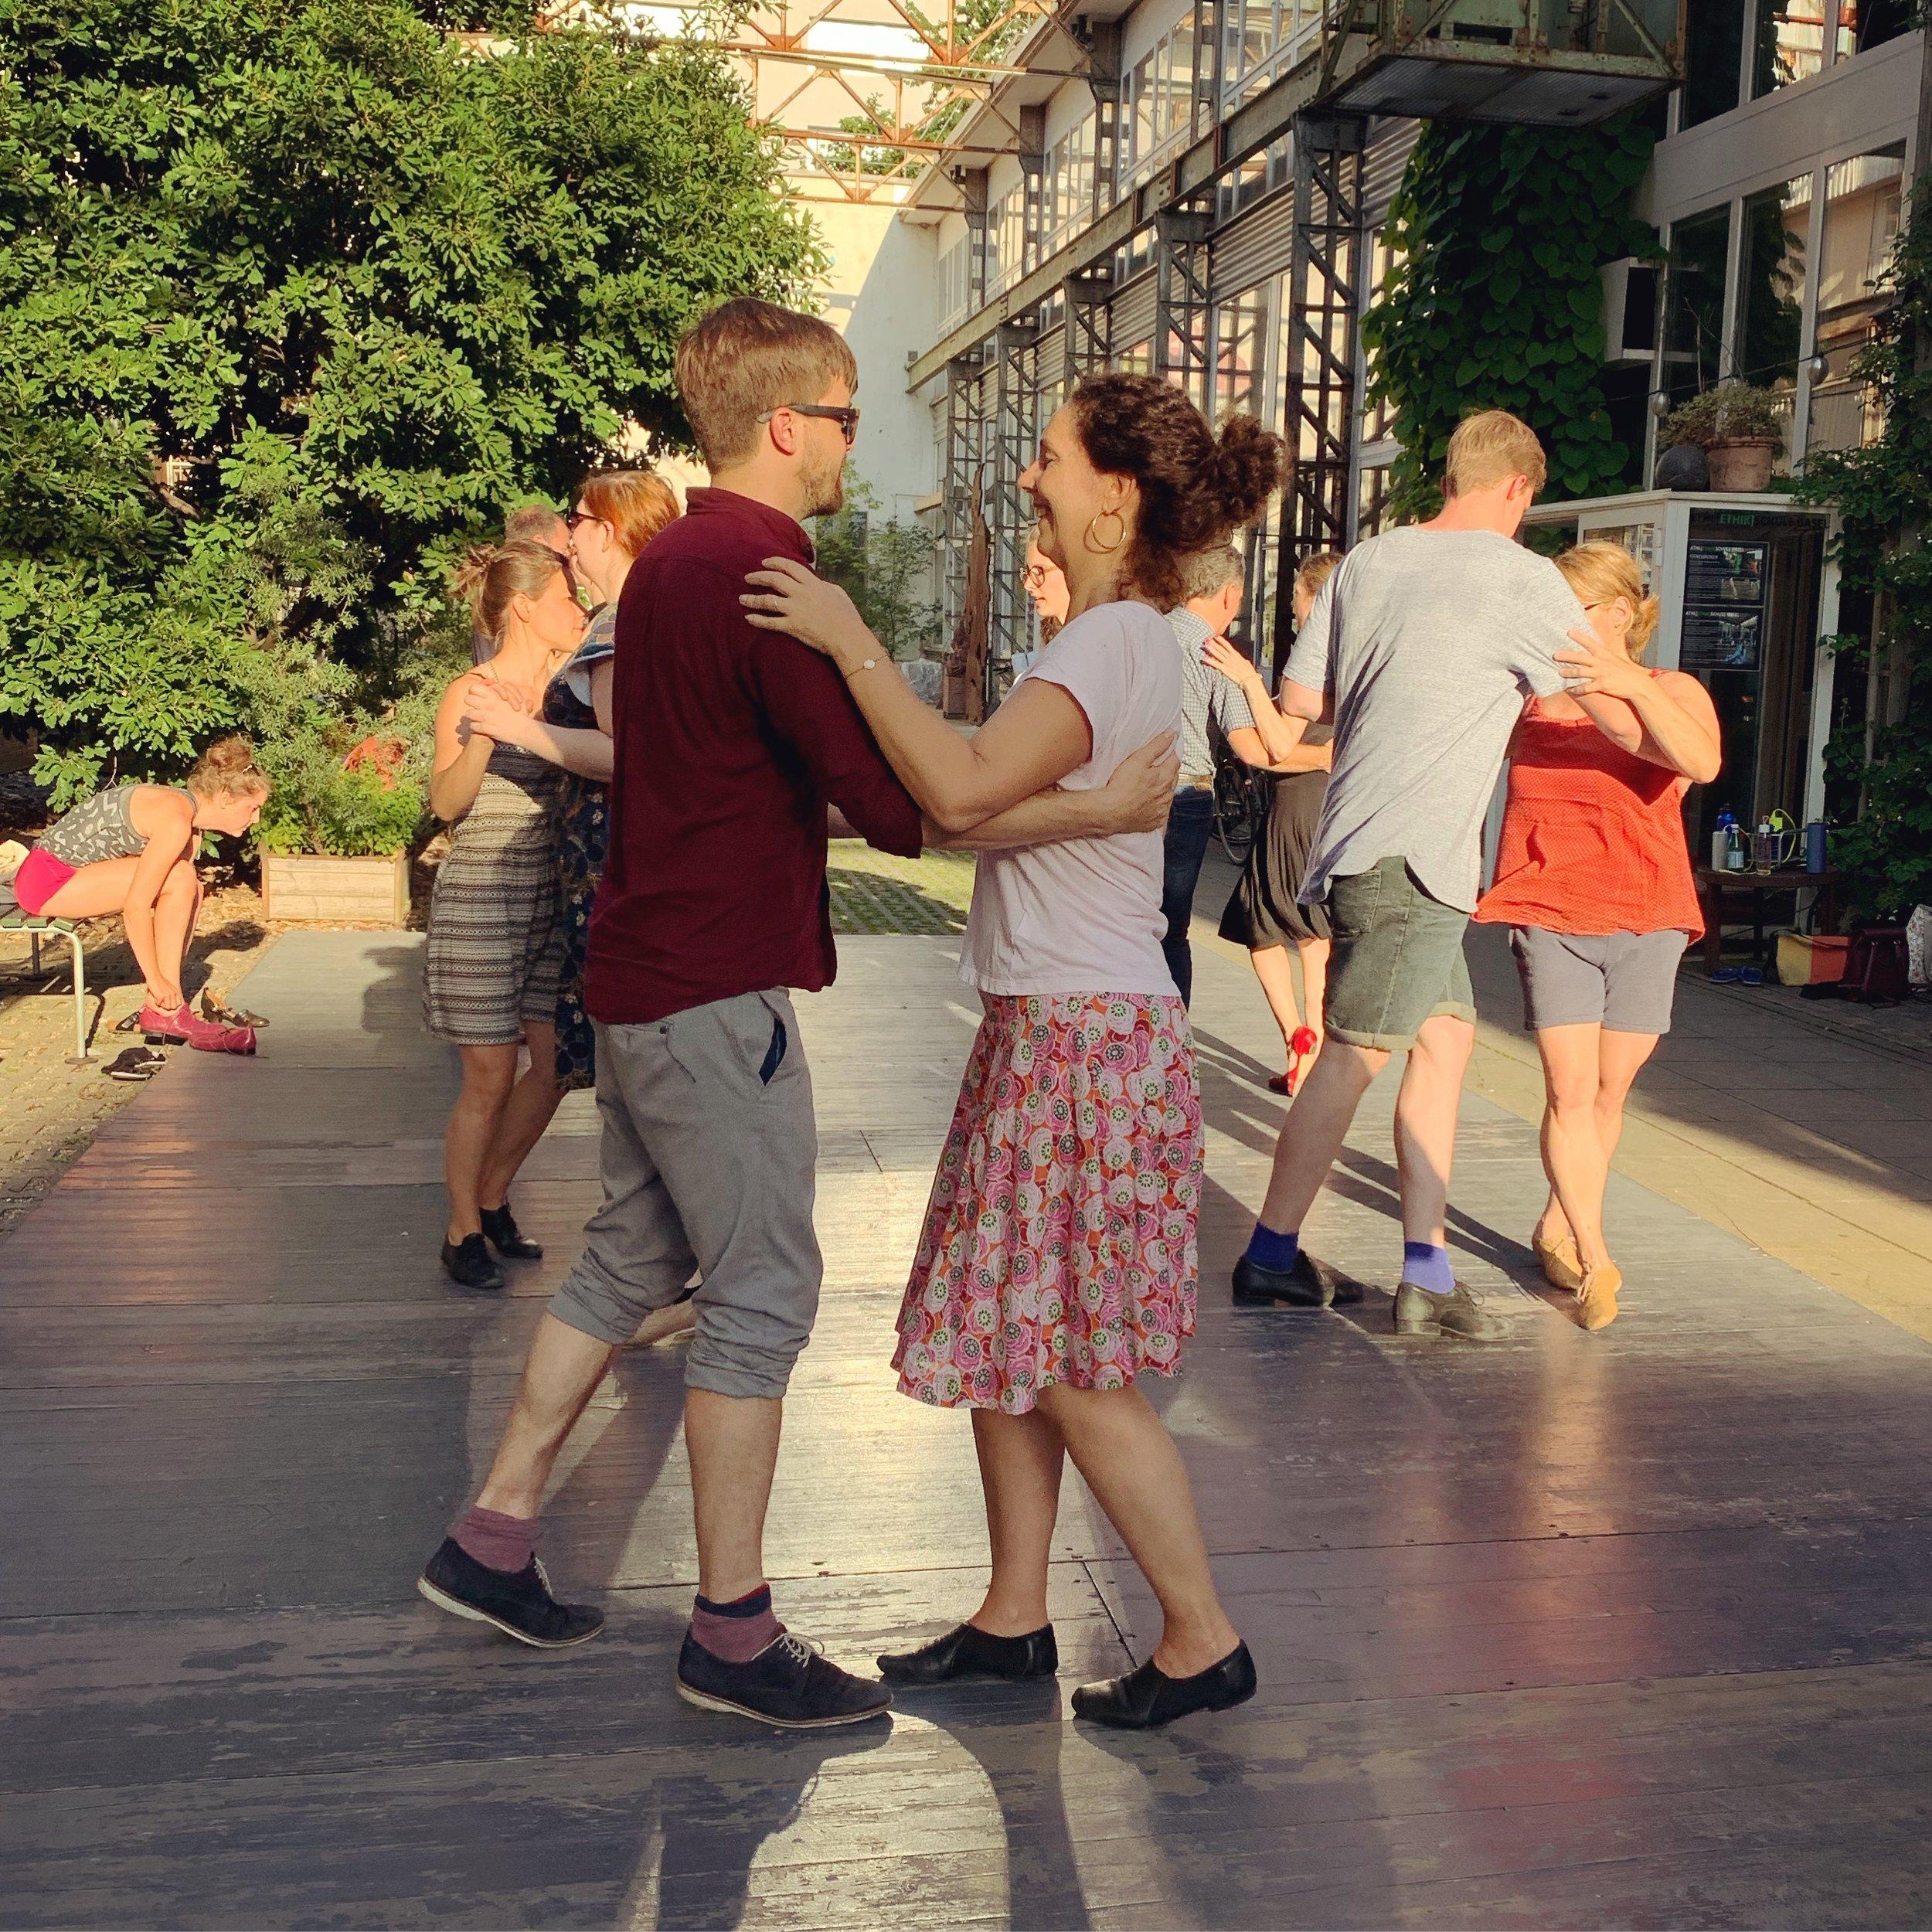 In a Day WorkshopS - In unseren In a Day Workshops bringen wir dir die Grundlagen von Lindy Hop, Shag oder Balboa näher. An einem Nachmittag am Wochenende lernst du die typische Bewegungen und bekommst ein Gefühl für den jeweiligen Tanz. Ideal, wenn du einen der Swingtänze ausprobieren möchtest.